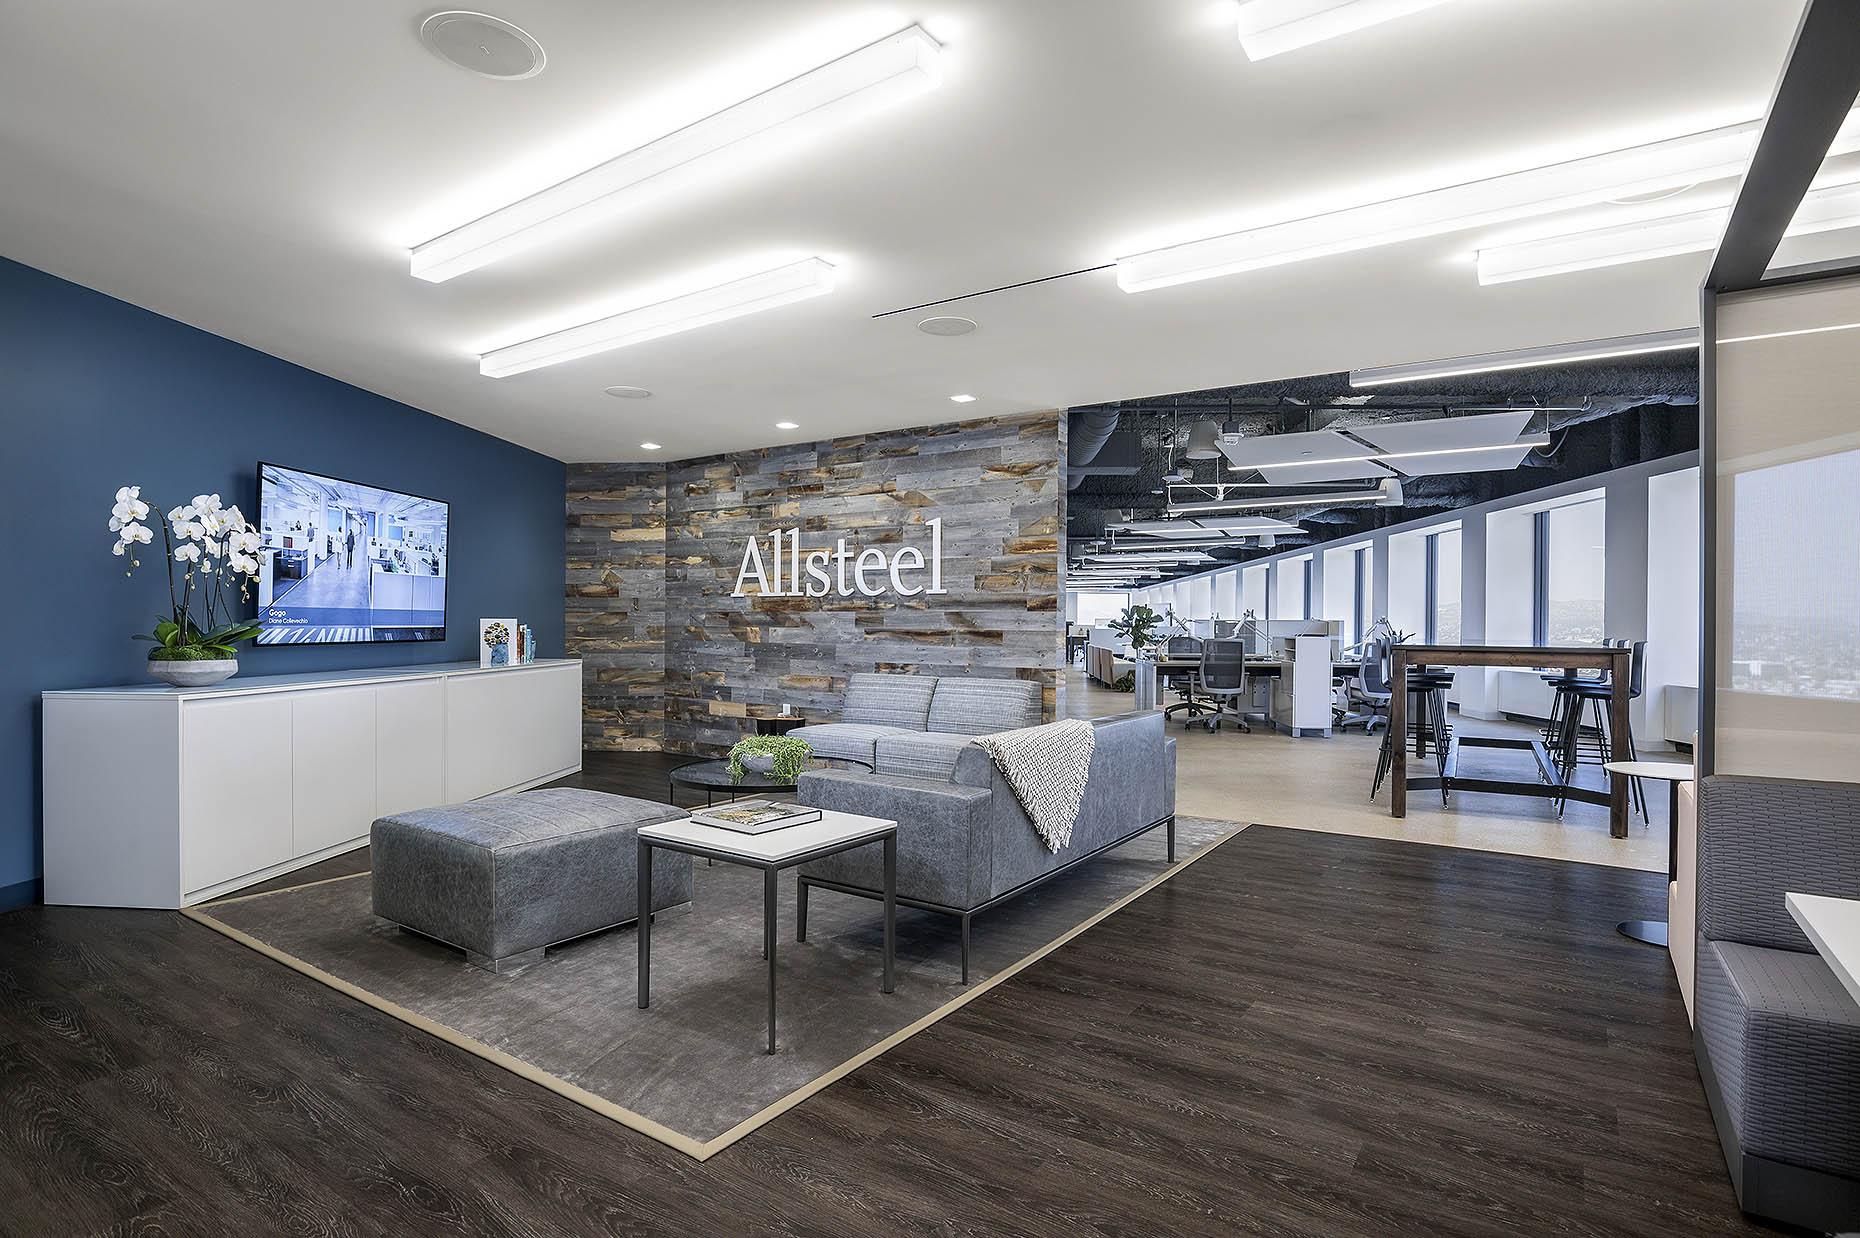 Allsteel_LAShowroom_Entry_01_webuse.jpg